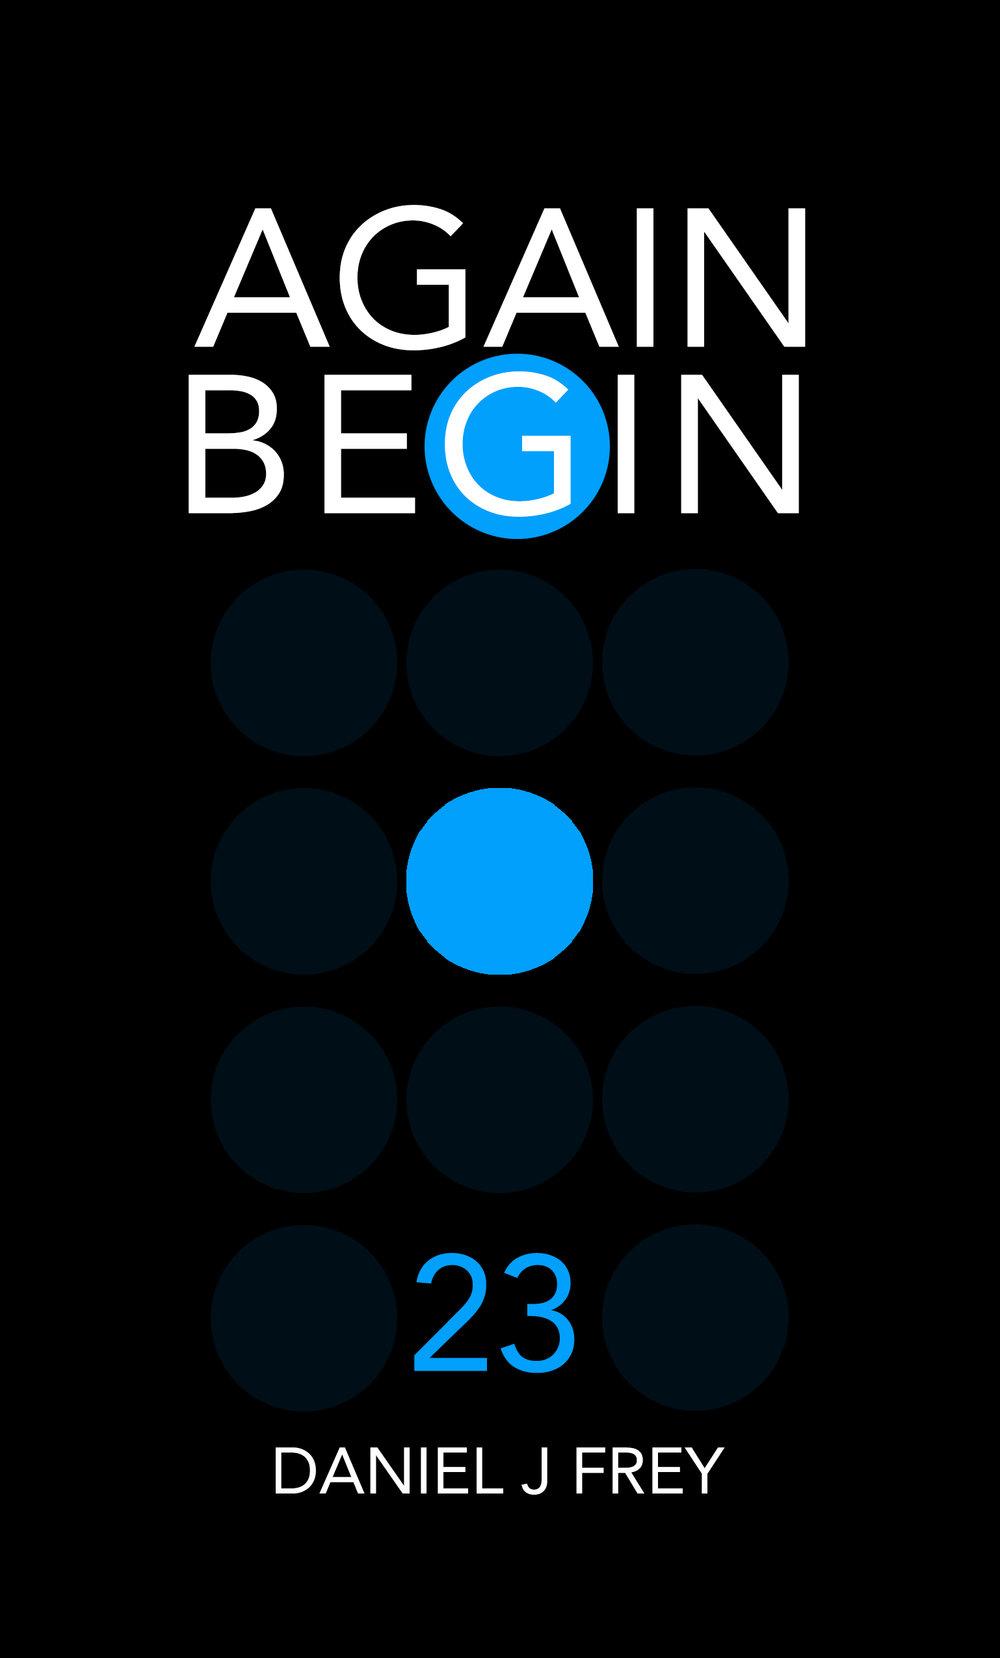 Again Begin 23 - E.D.H.B.